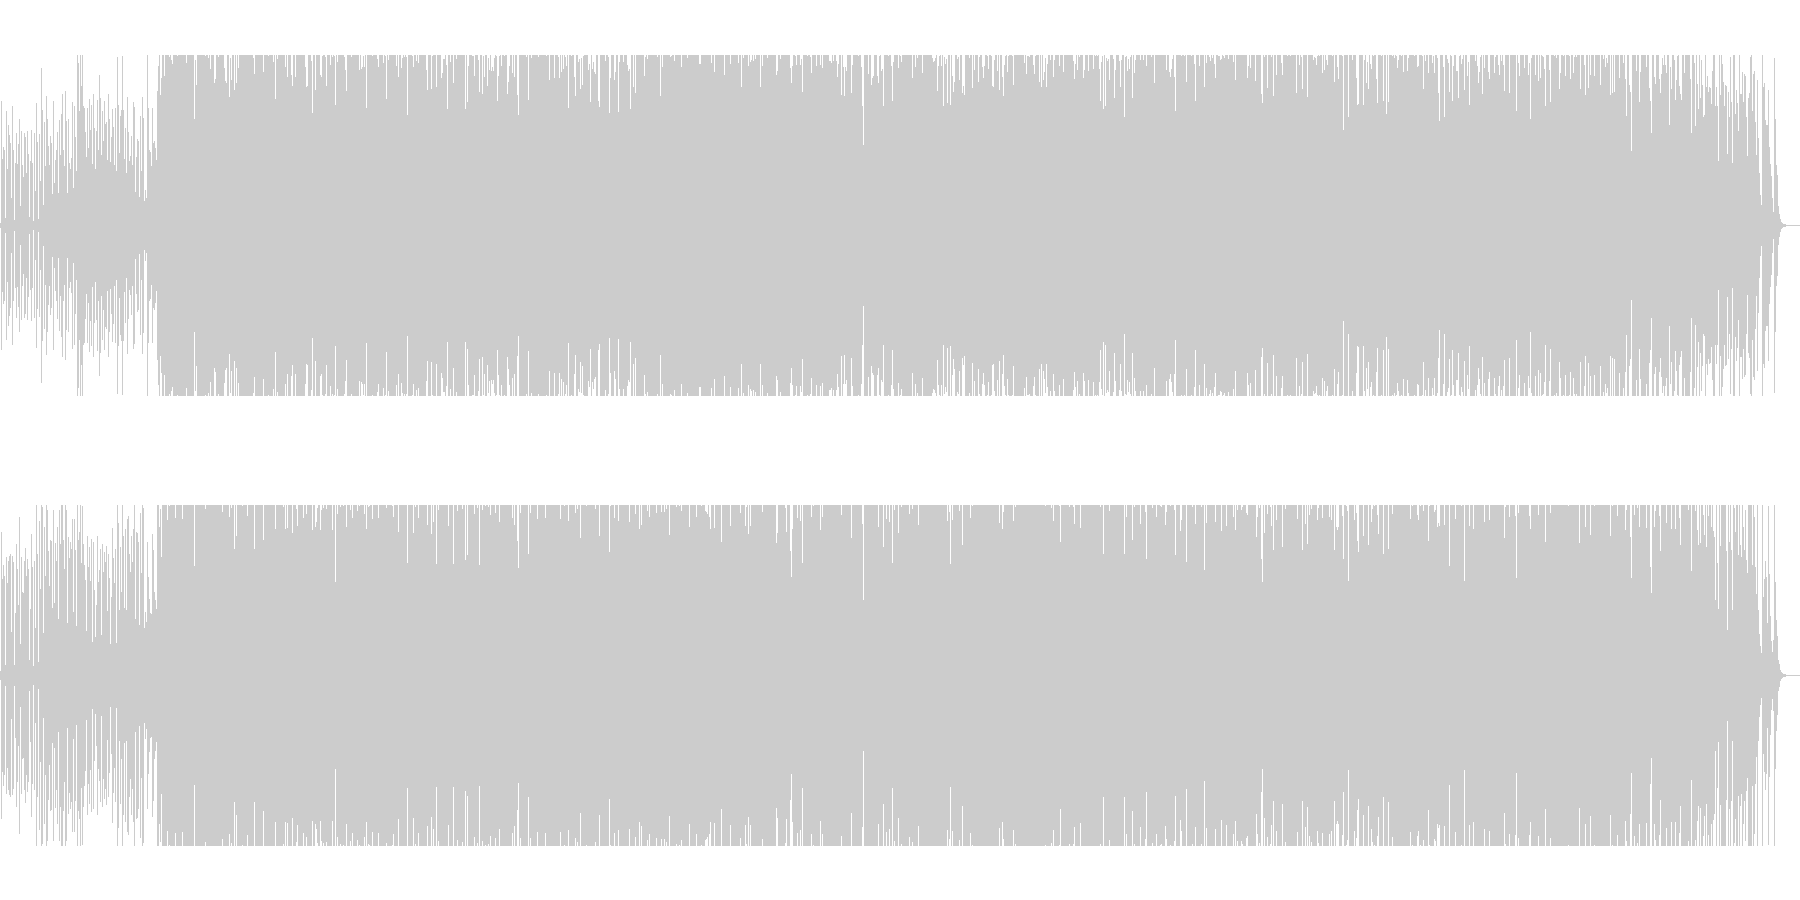 何にでも合う明るいラテンJazzのサンバの未再生の波形